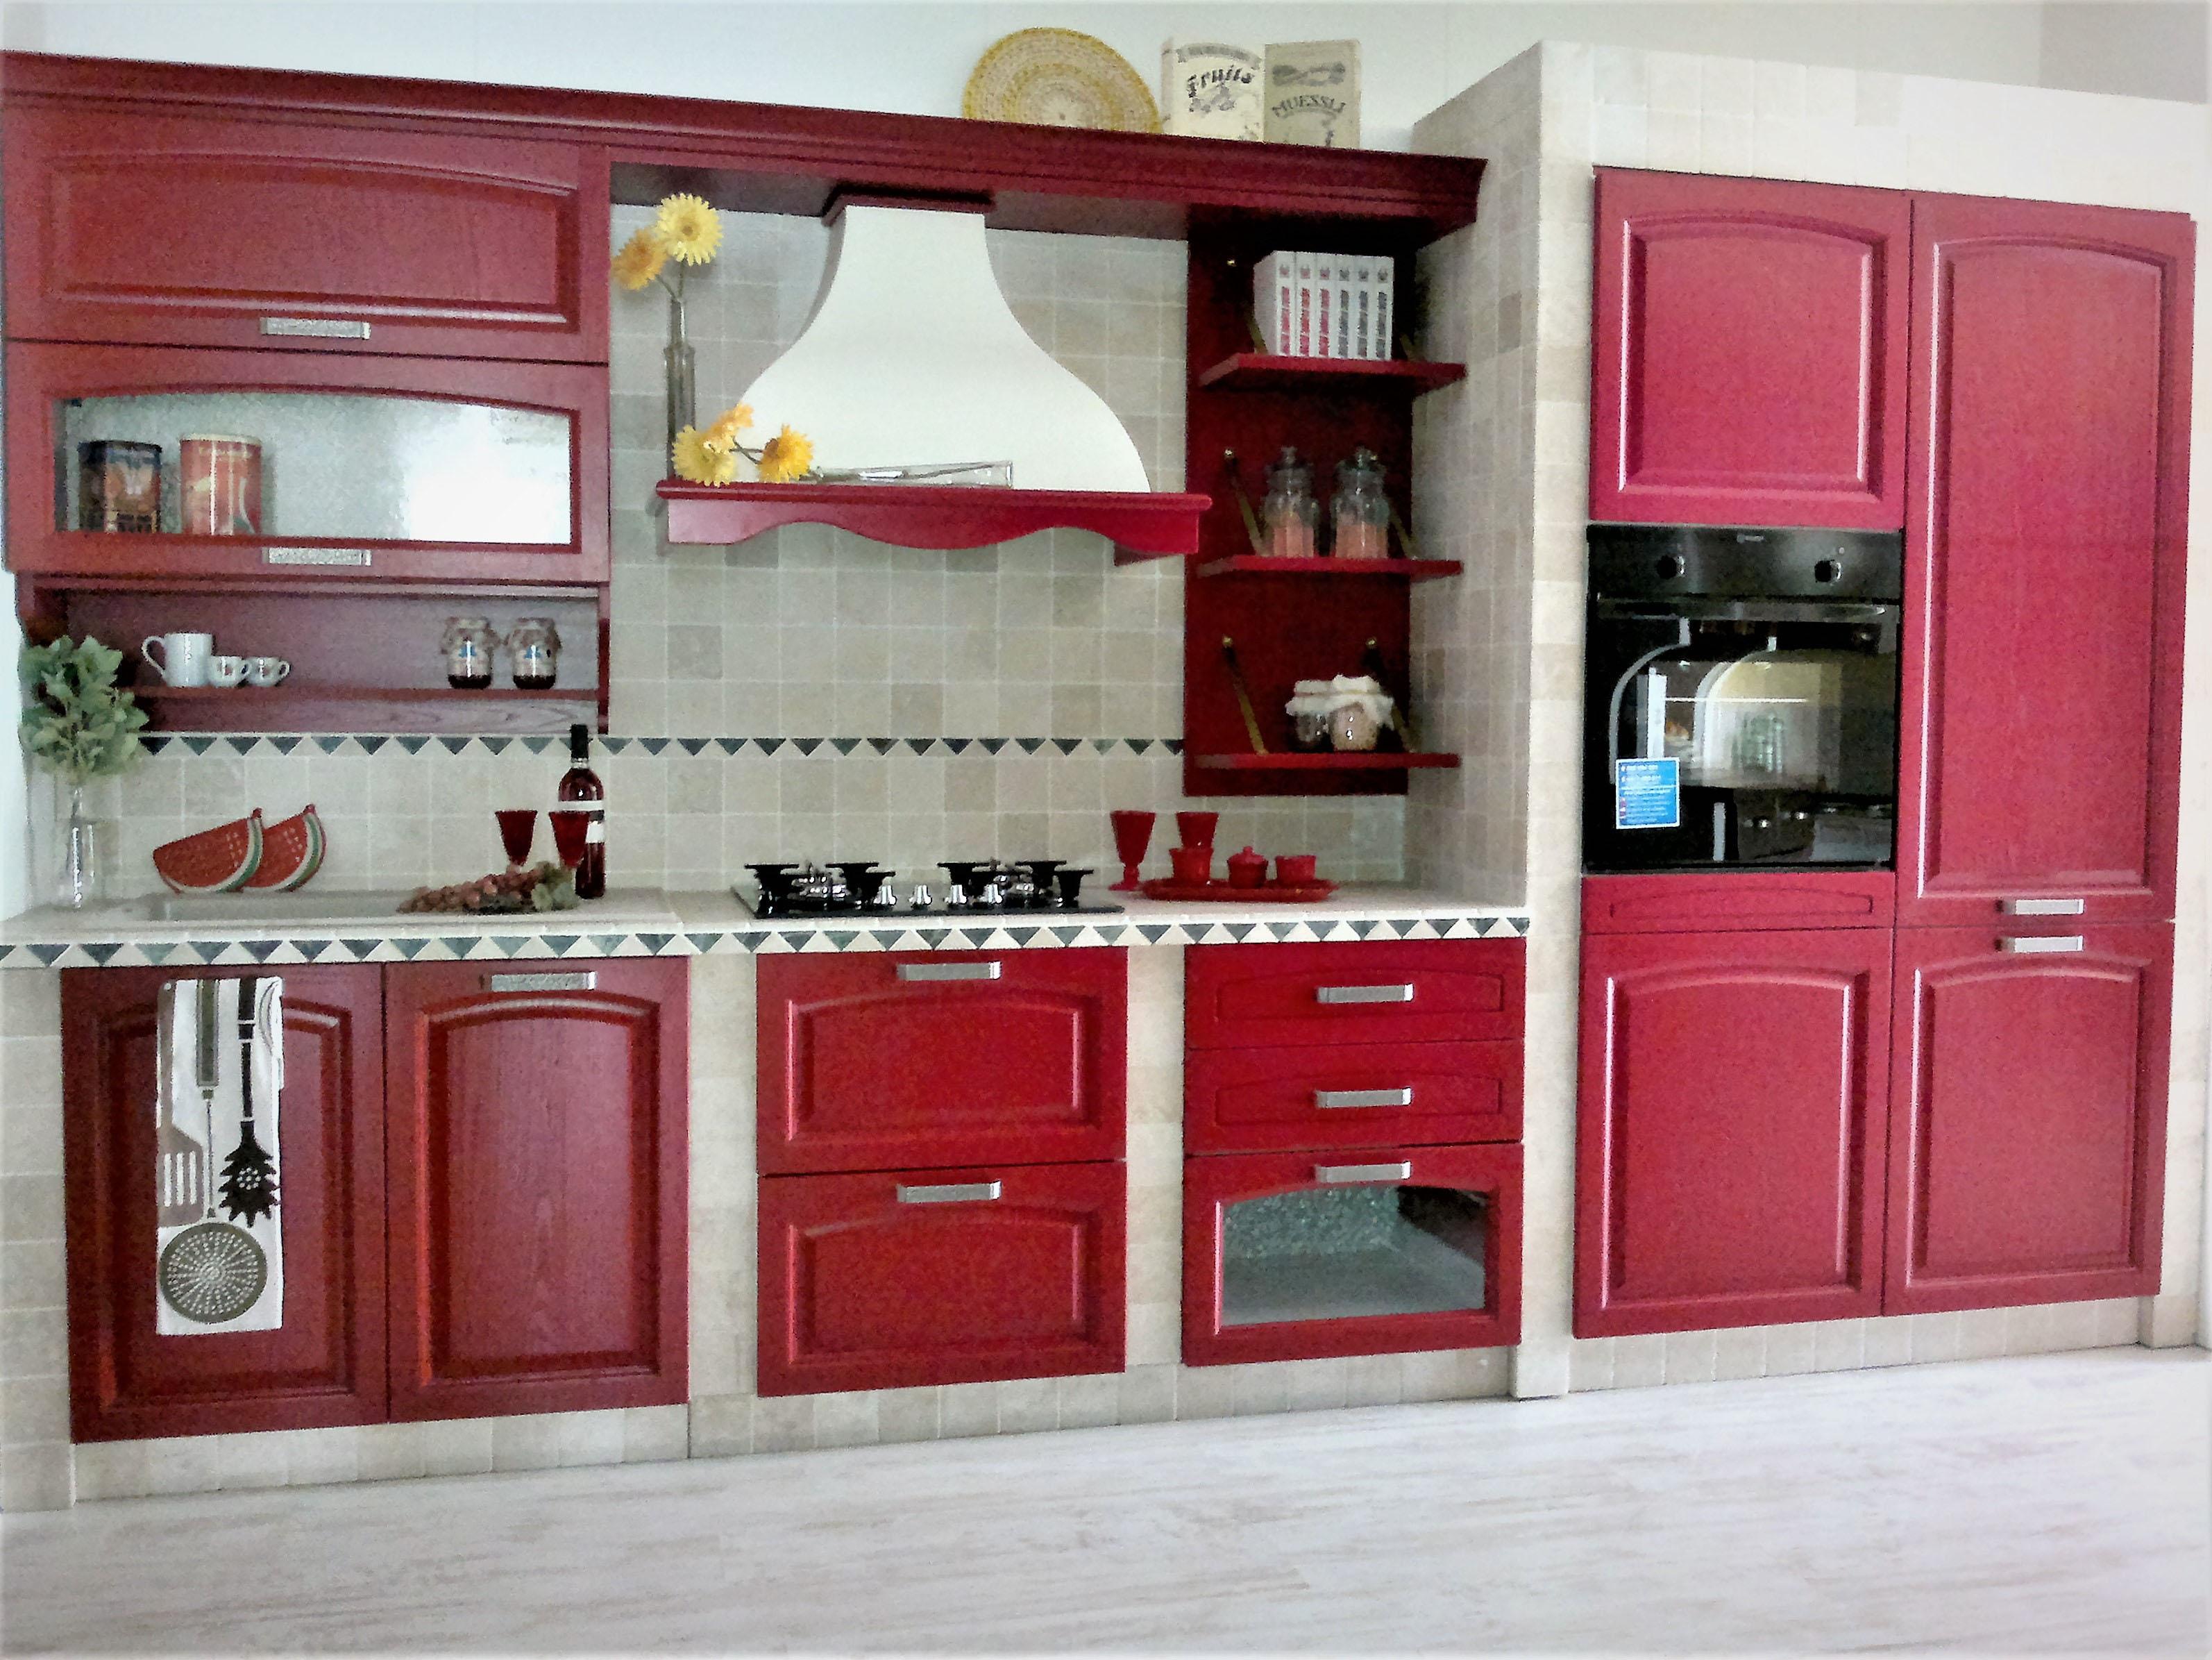 Best cucina rossa laccata photos ideas design 2017 for Cucine rosse